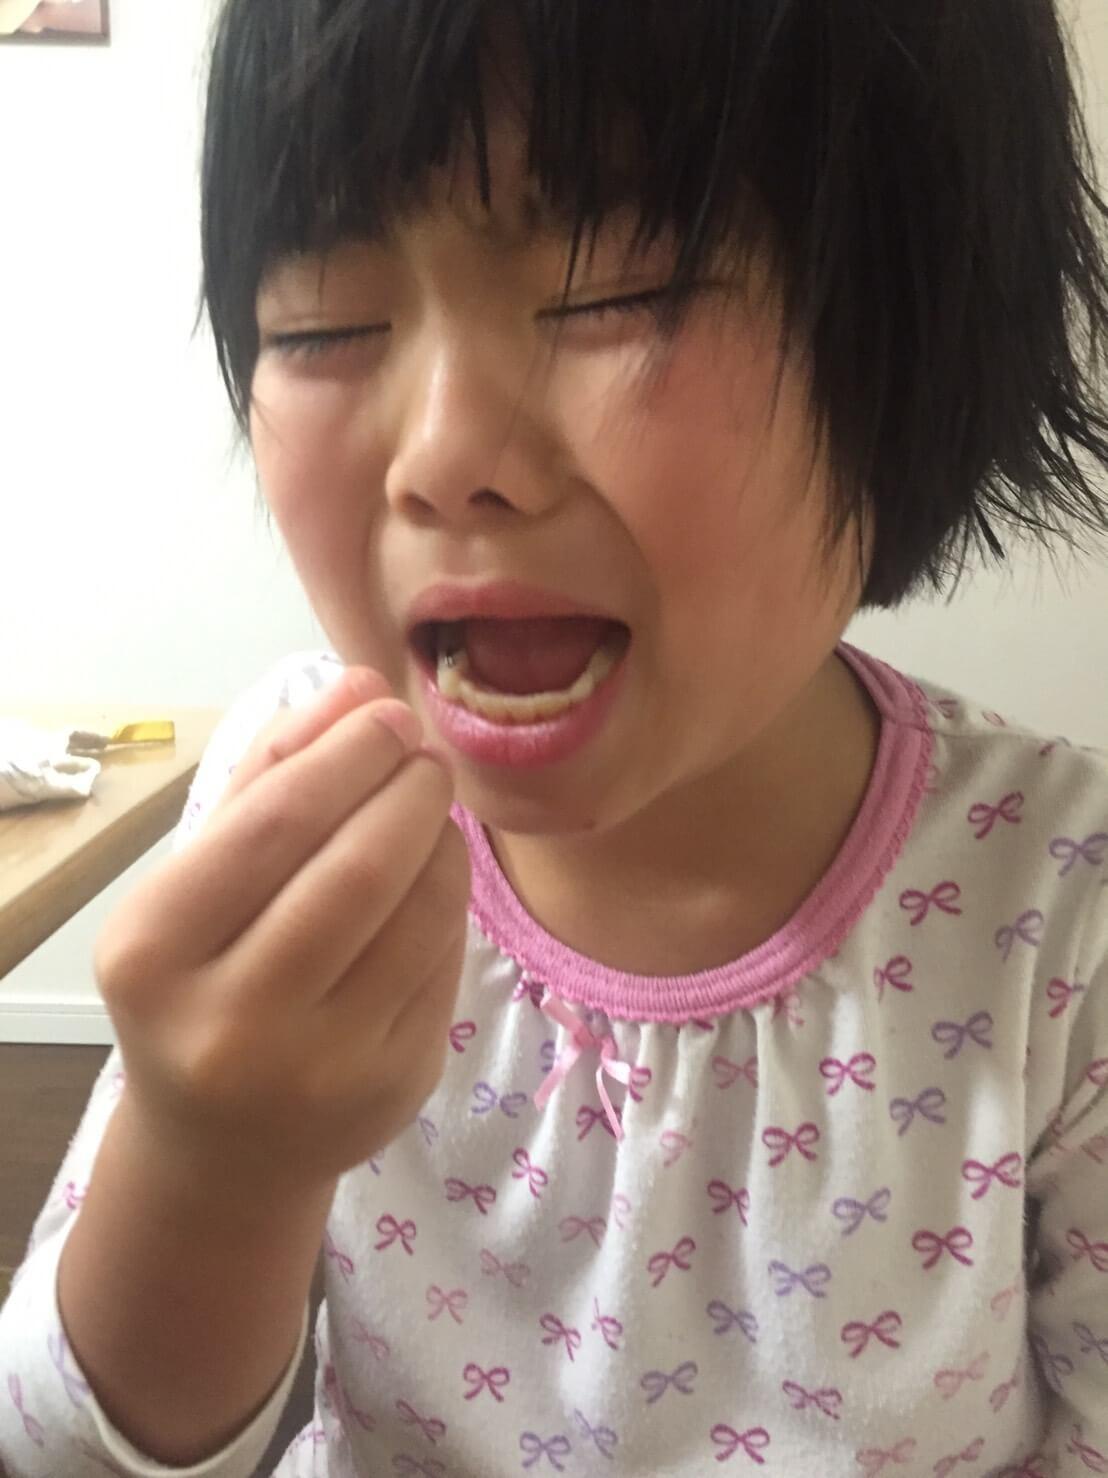 いまだ錠剤が飲み込めず、かみ砕いて飲む娘の苦痛の涙